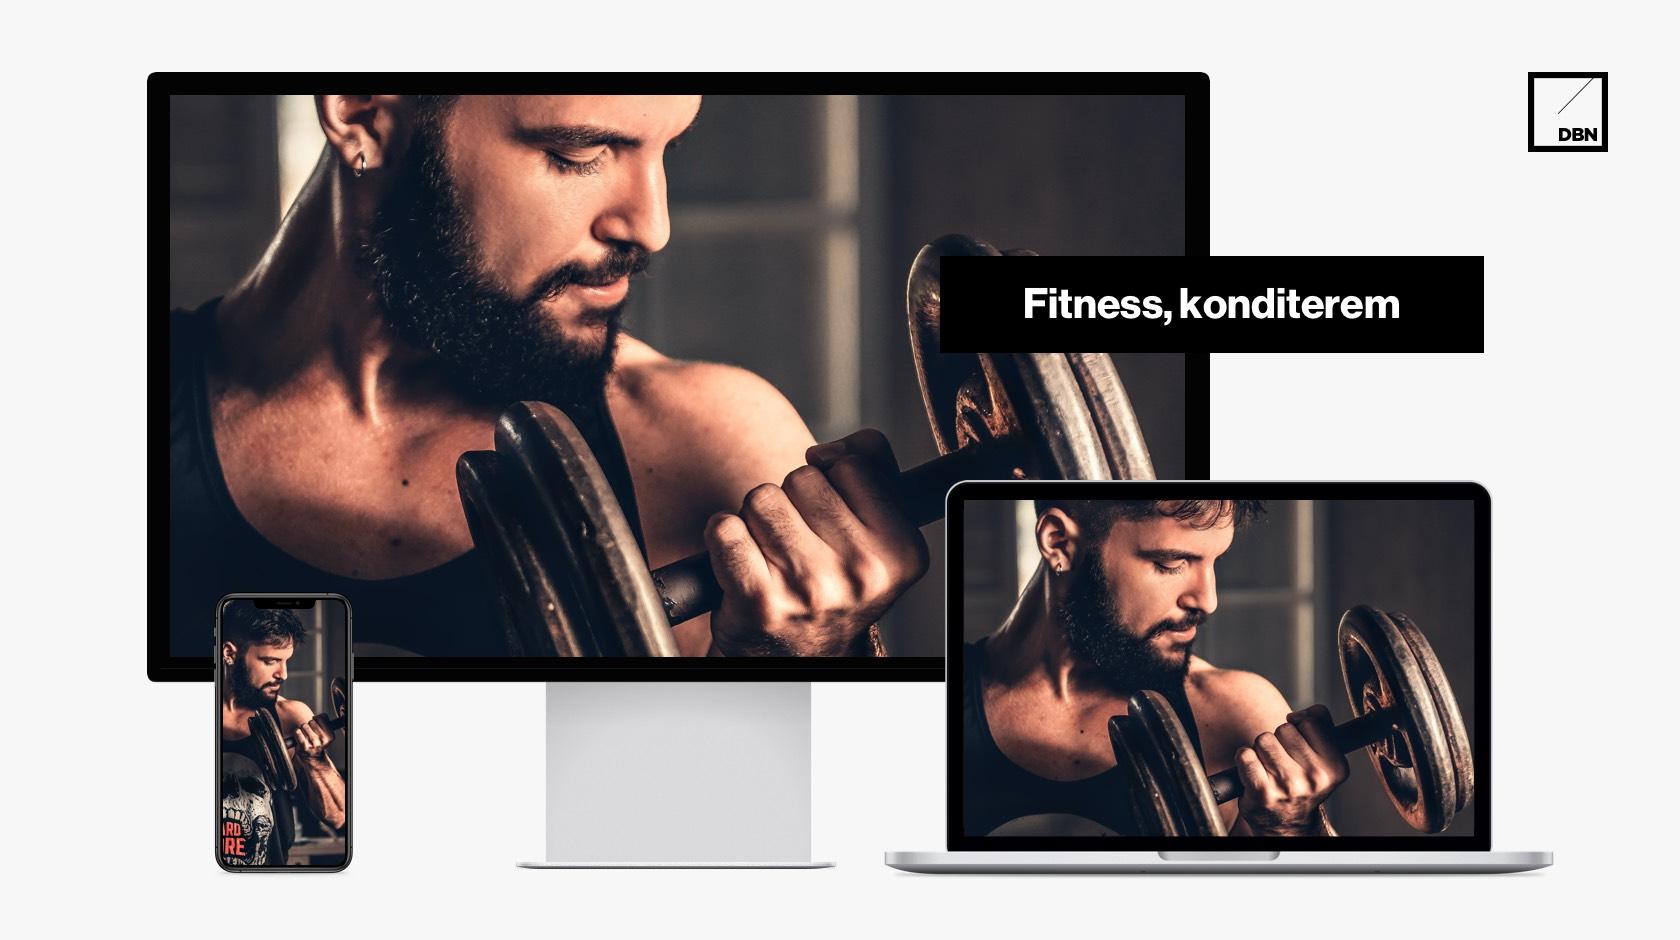 Fitness, konditerem weboldal készítés